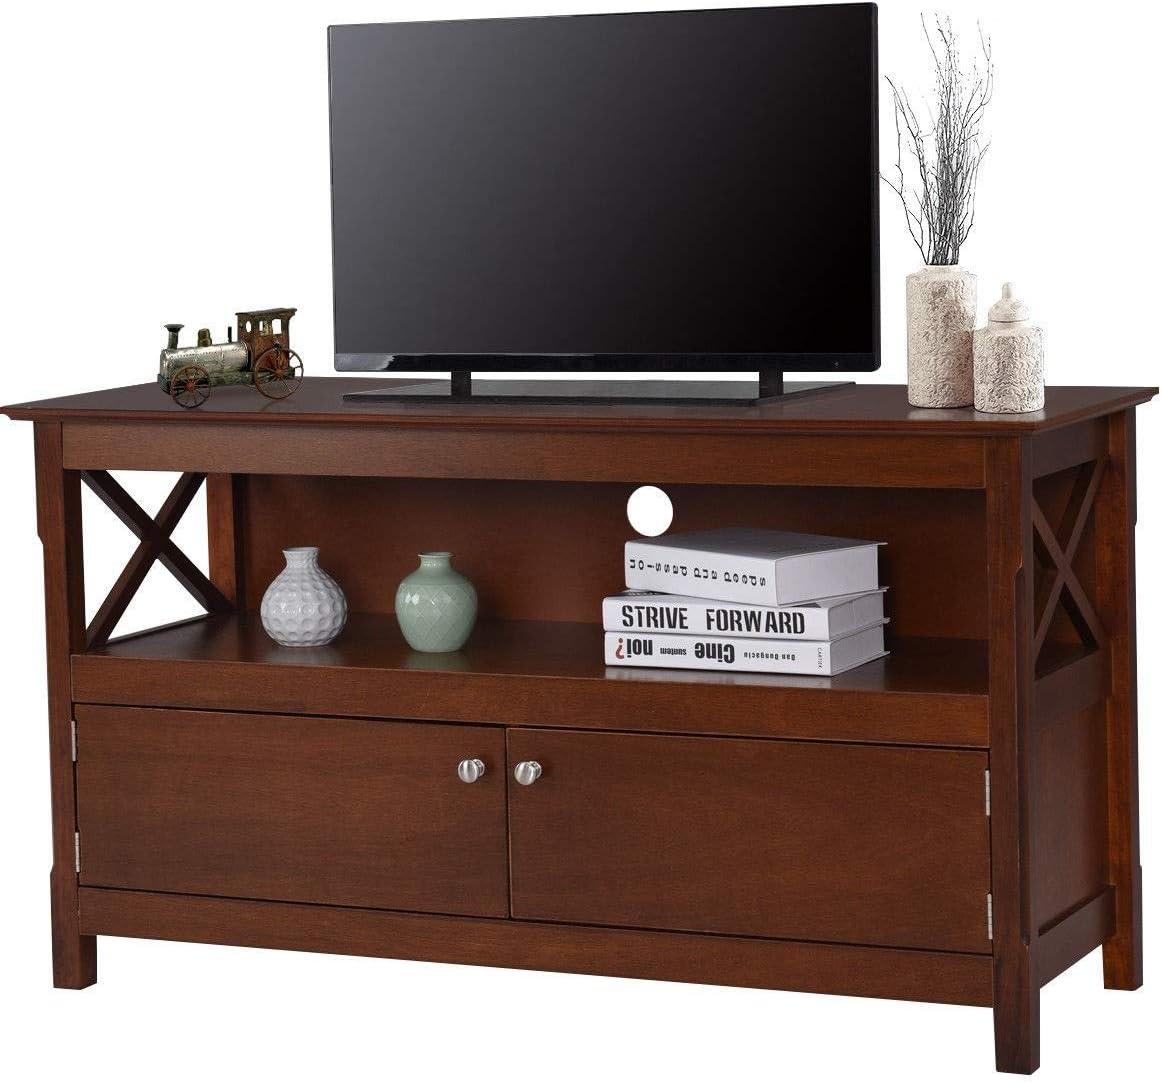 Global Supplies - Mueble de Madera para televisor (111,76 cm): Amazon.es: Juguetes y juegos